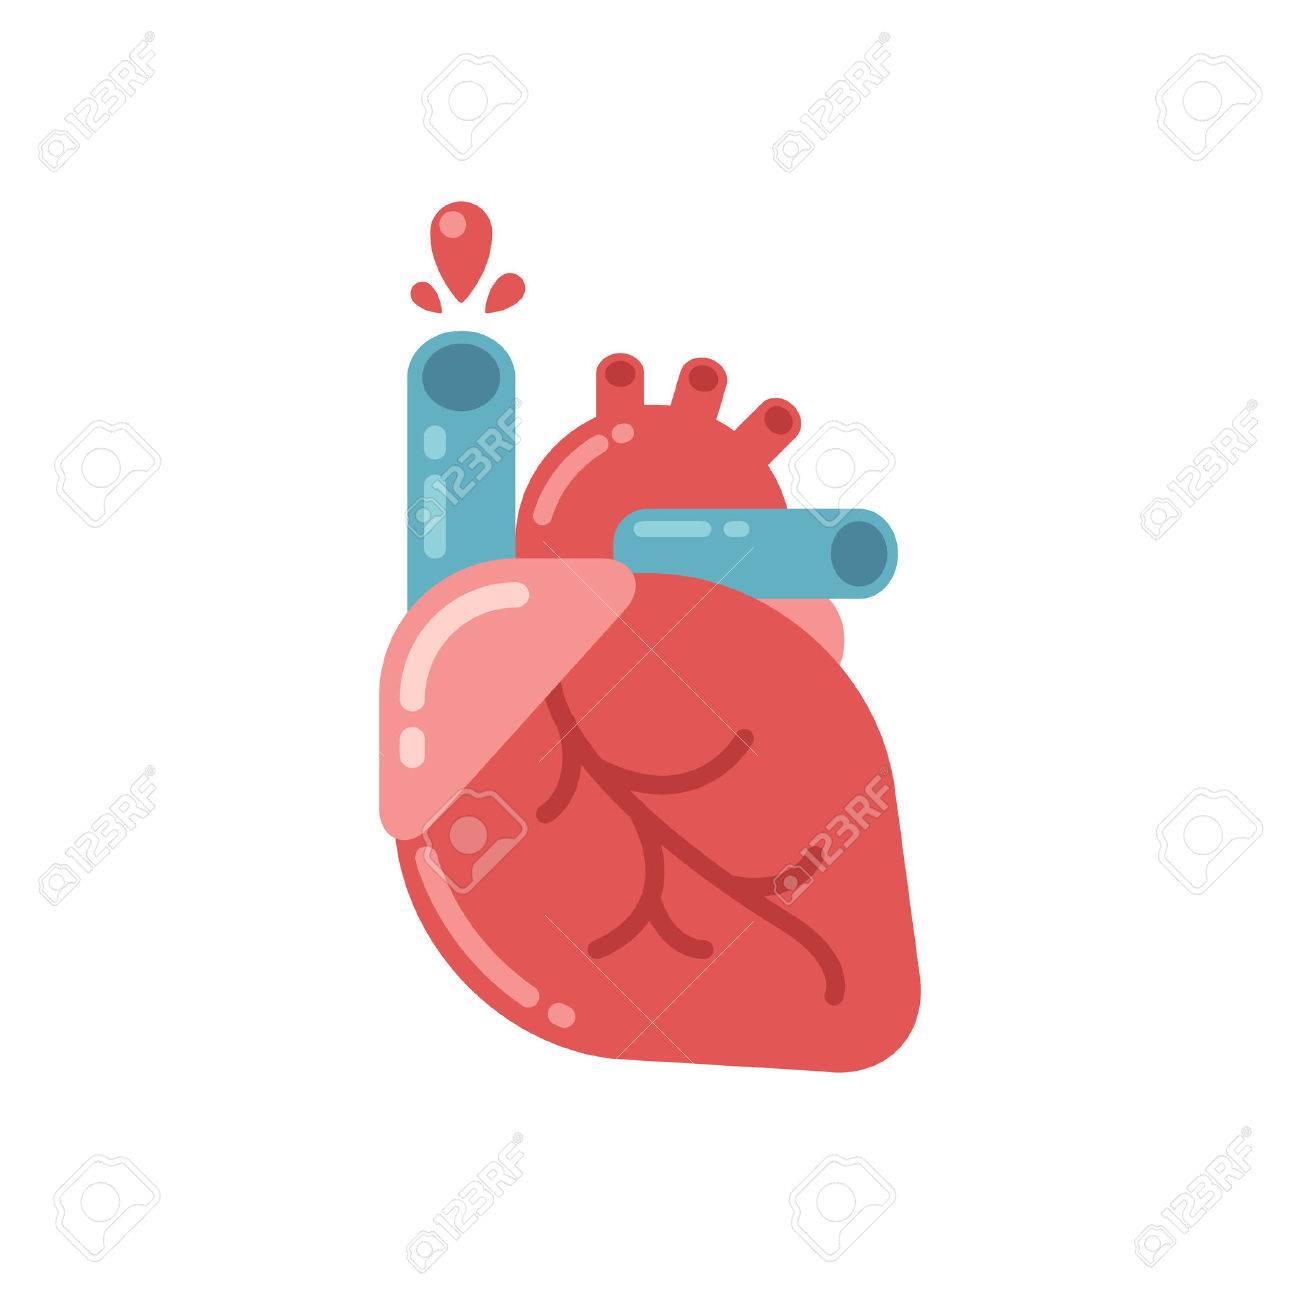 Stylized Human Heart Anatomy Icon. Modern Flat Cartoon Style ...